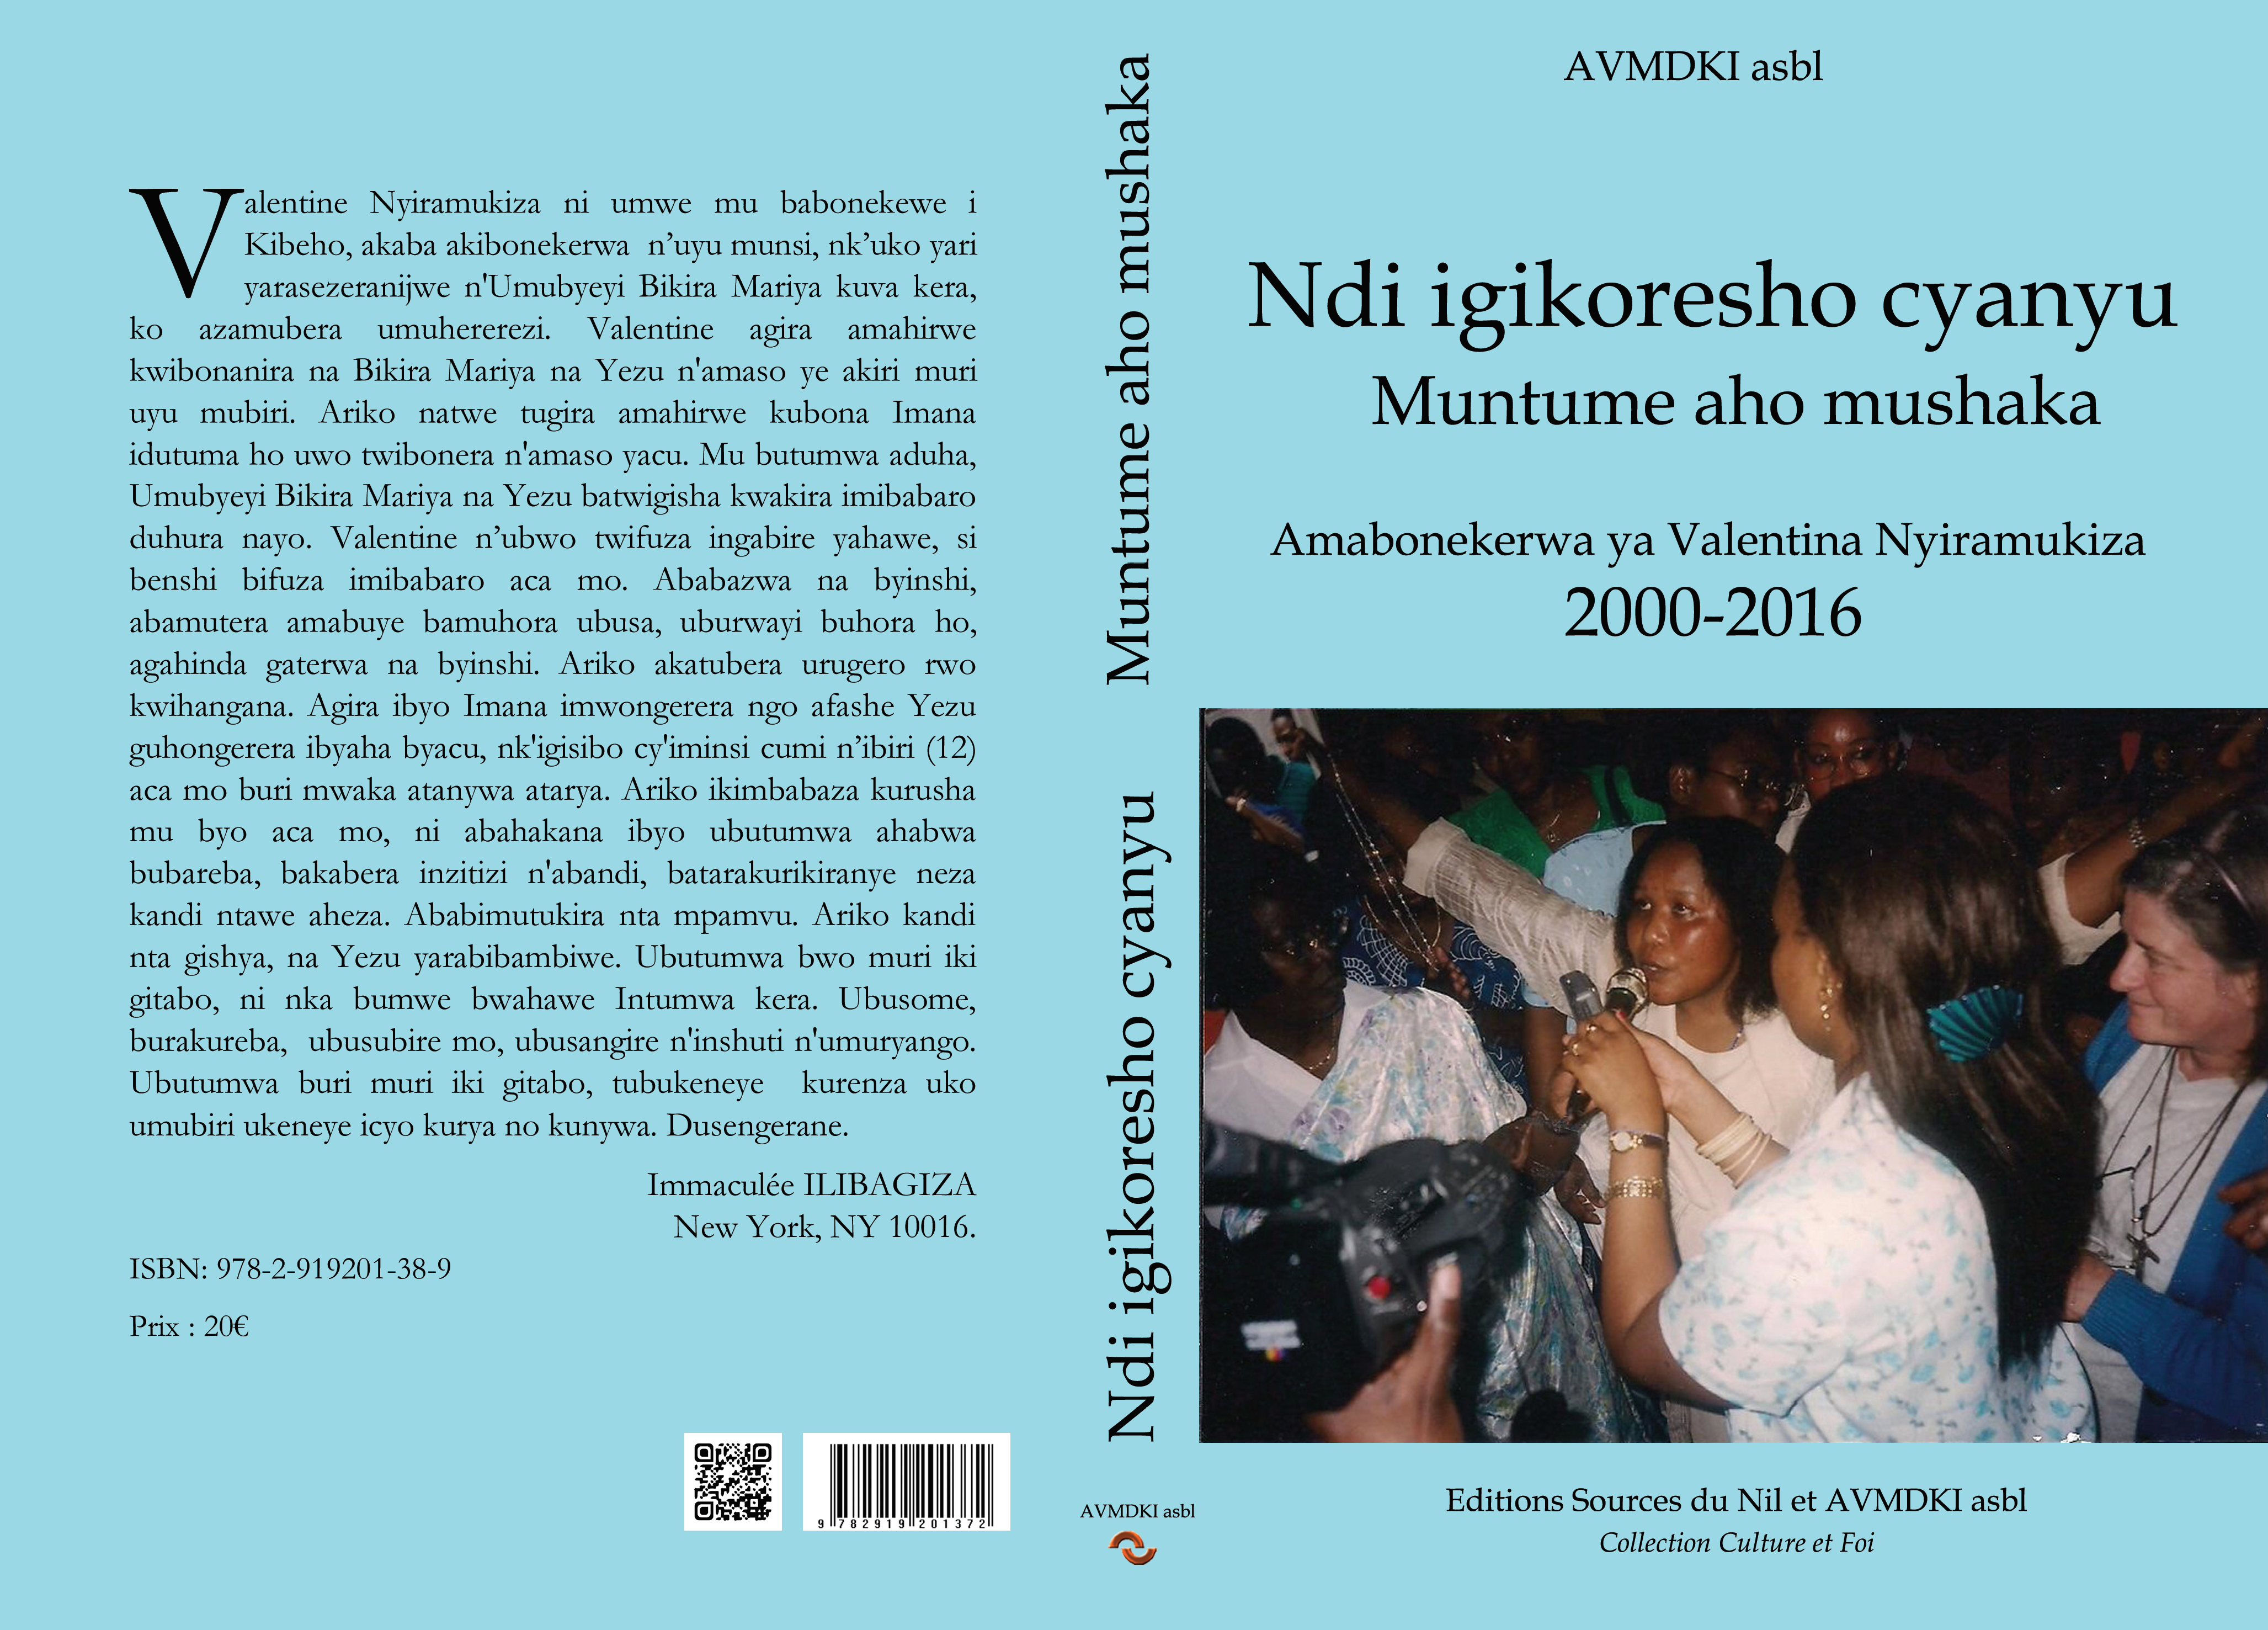 Vente du livre : NDI IGIKORESHO CYANYU NIMUNTUME AHO MUSHAKA